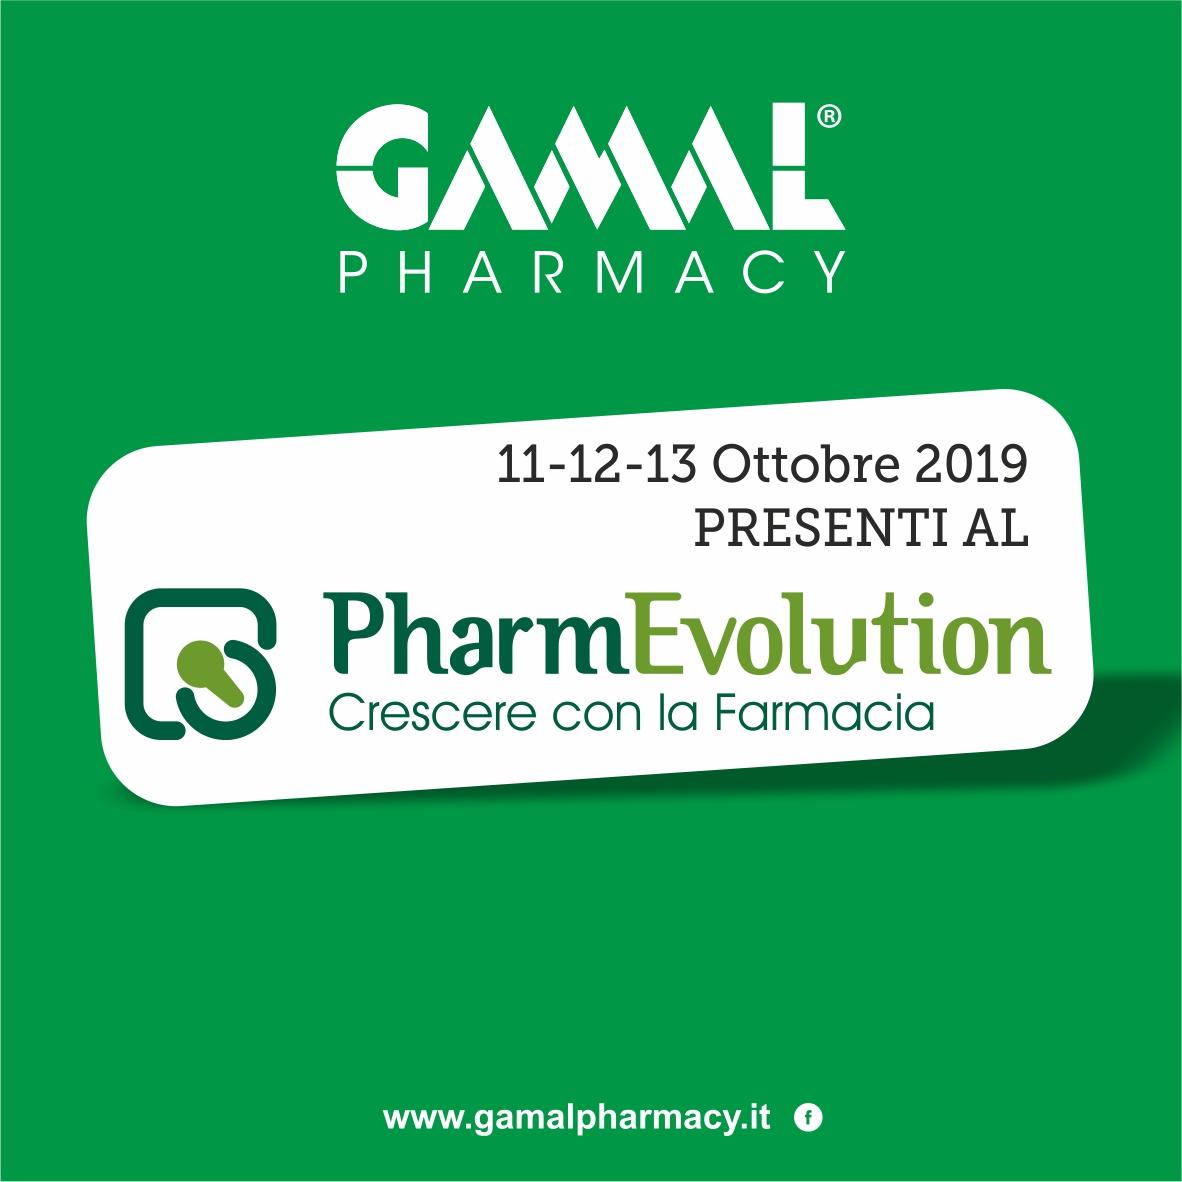 Pharmevolution Gamal Pharmacy